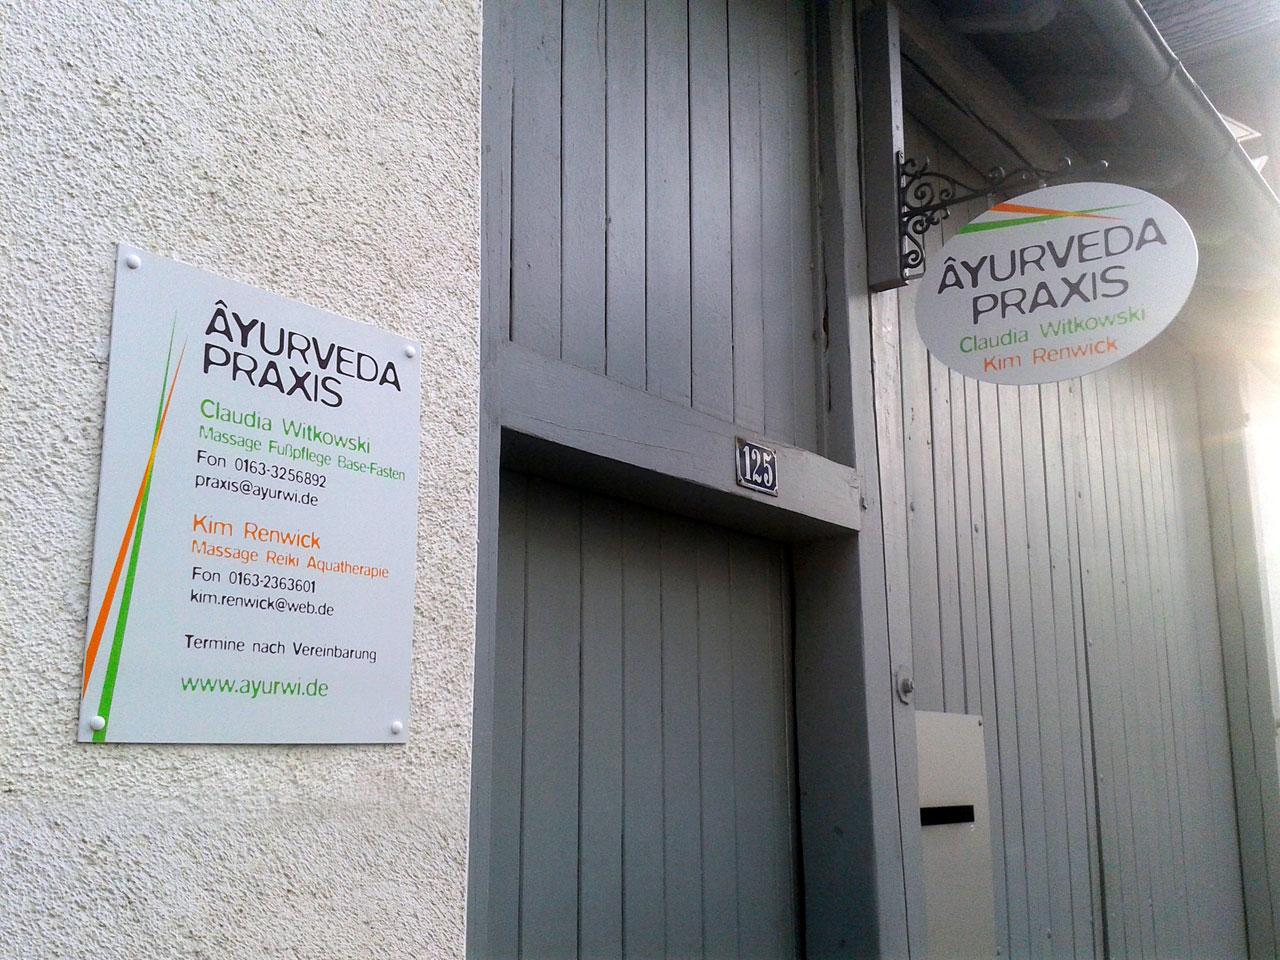 Ayurveda Praxis Schilder